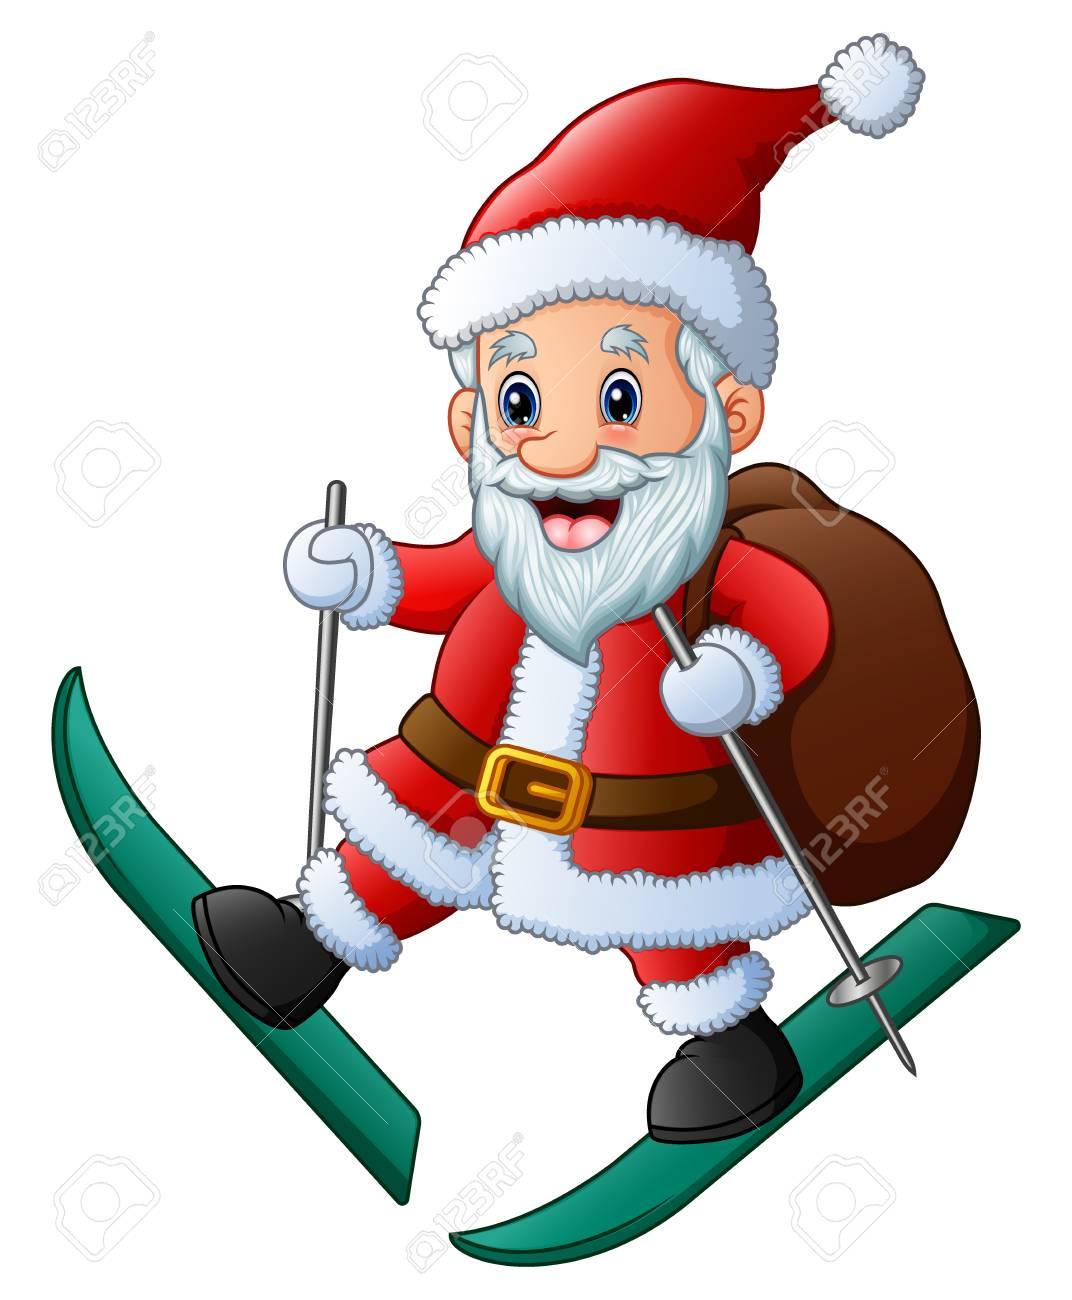 Image Pere Noel En Ski.Illustration Vectorielle De Ski Pere Noel Avec Sac De Cadeaux